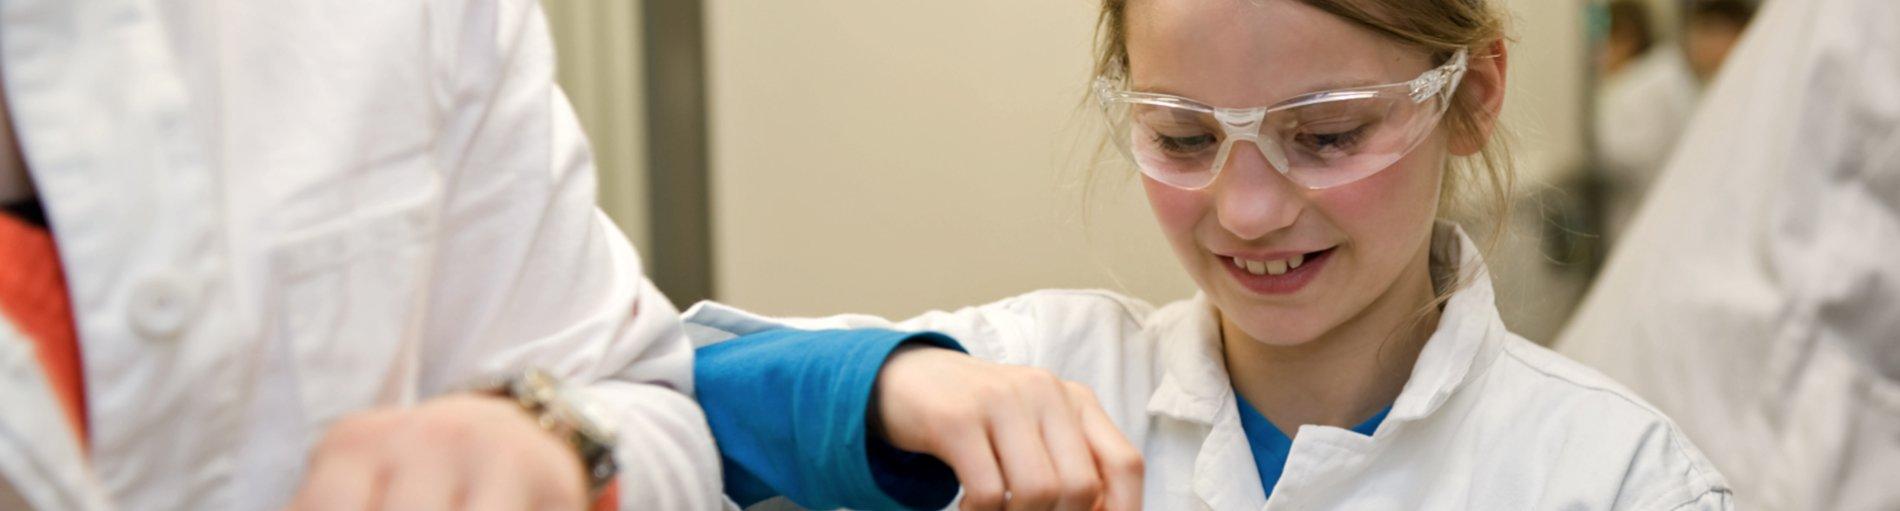 Mädchen in Kittel und Schutzbrille führt ein Experiment durch.